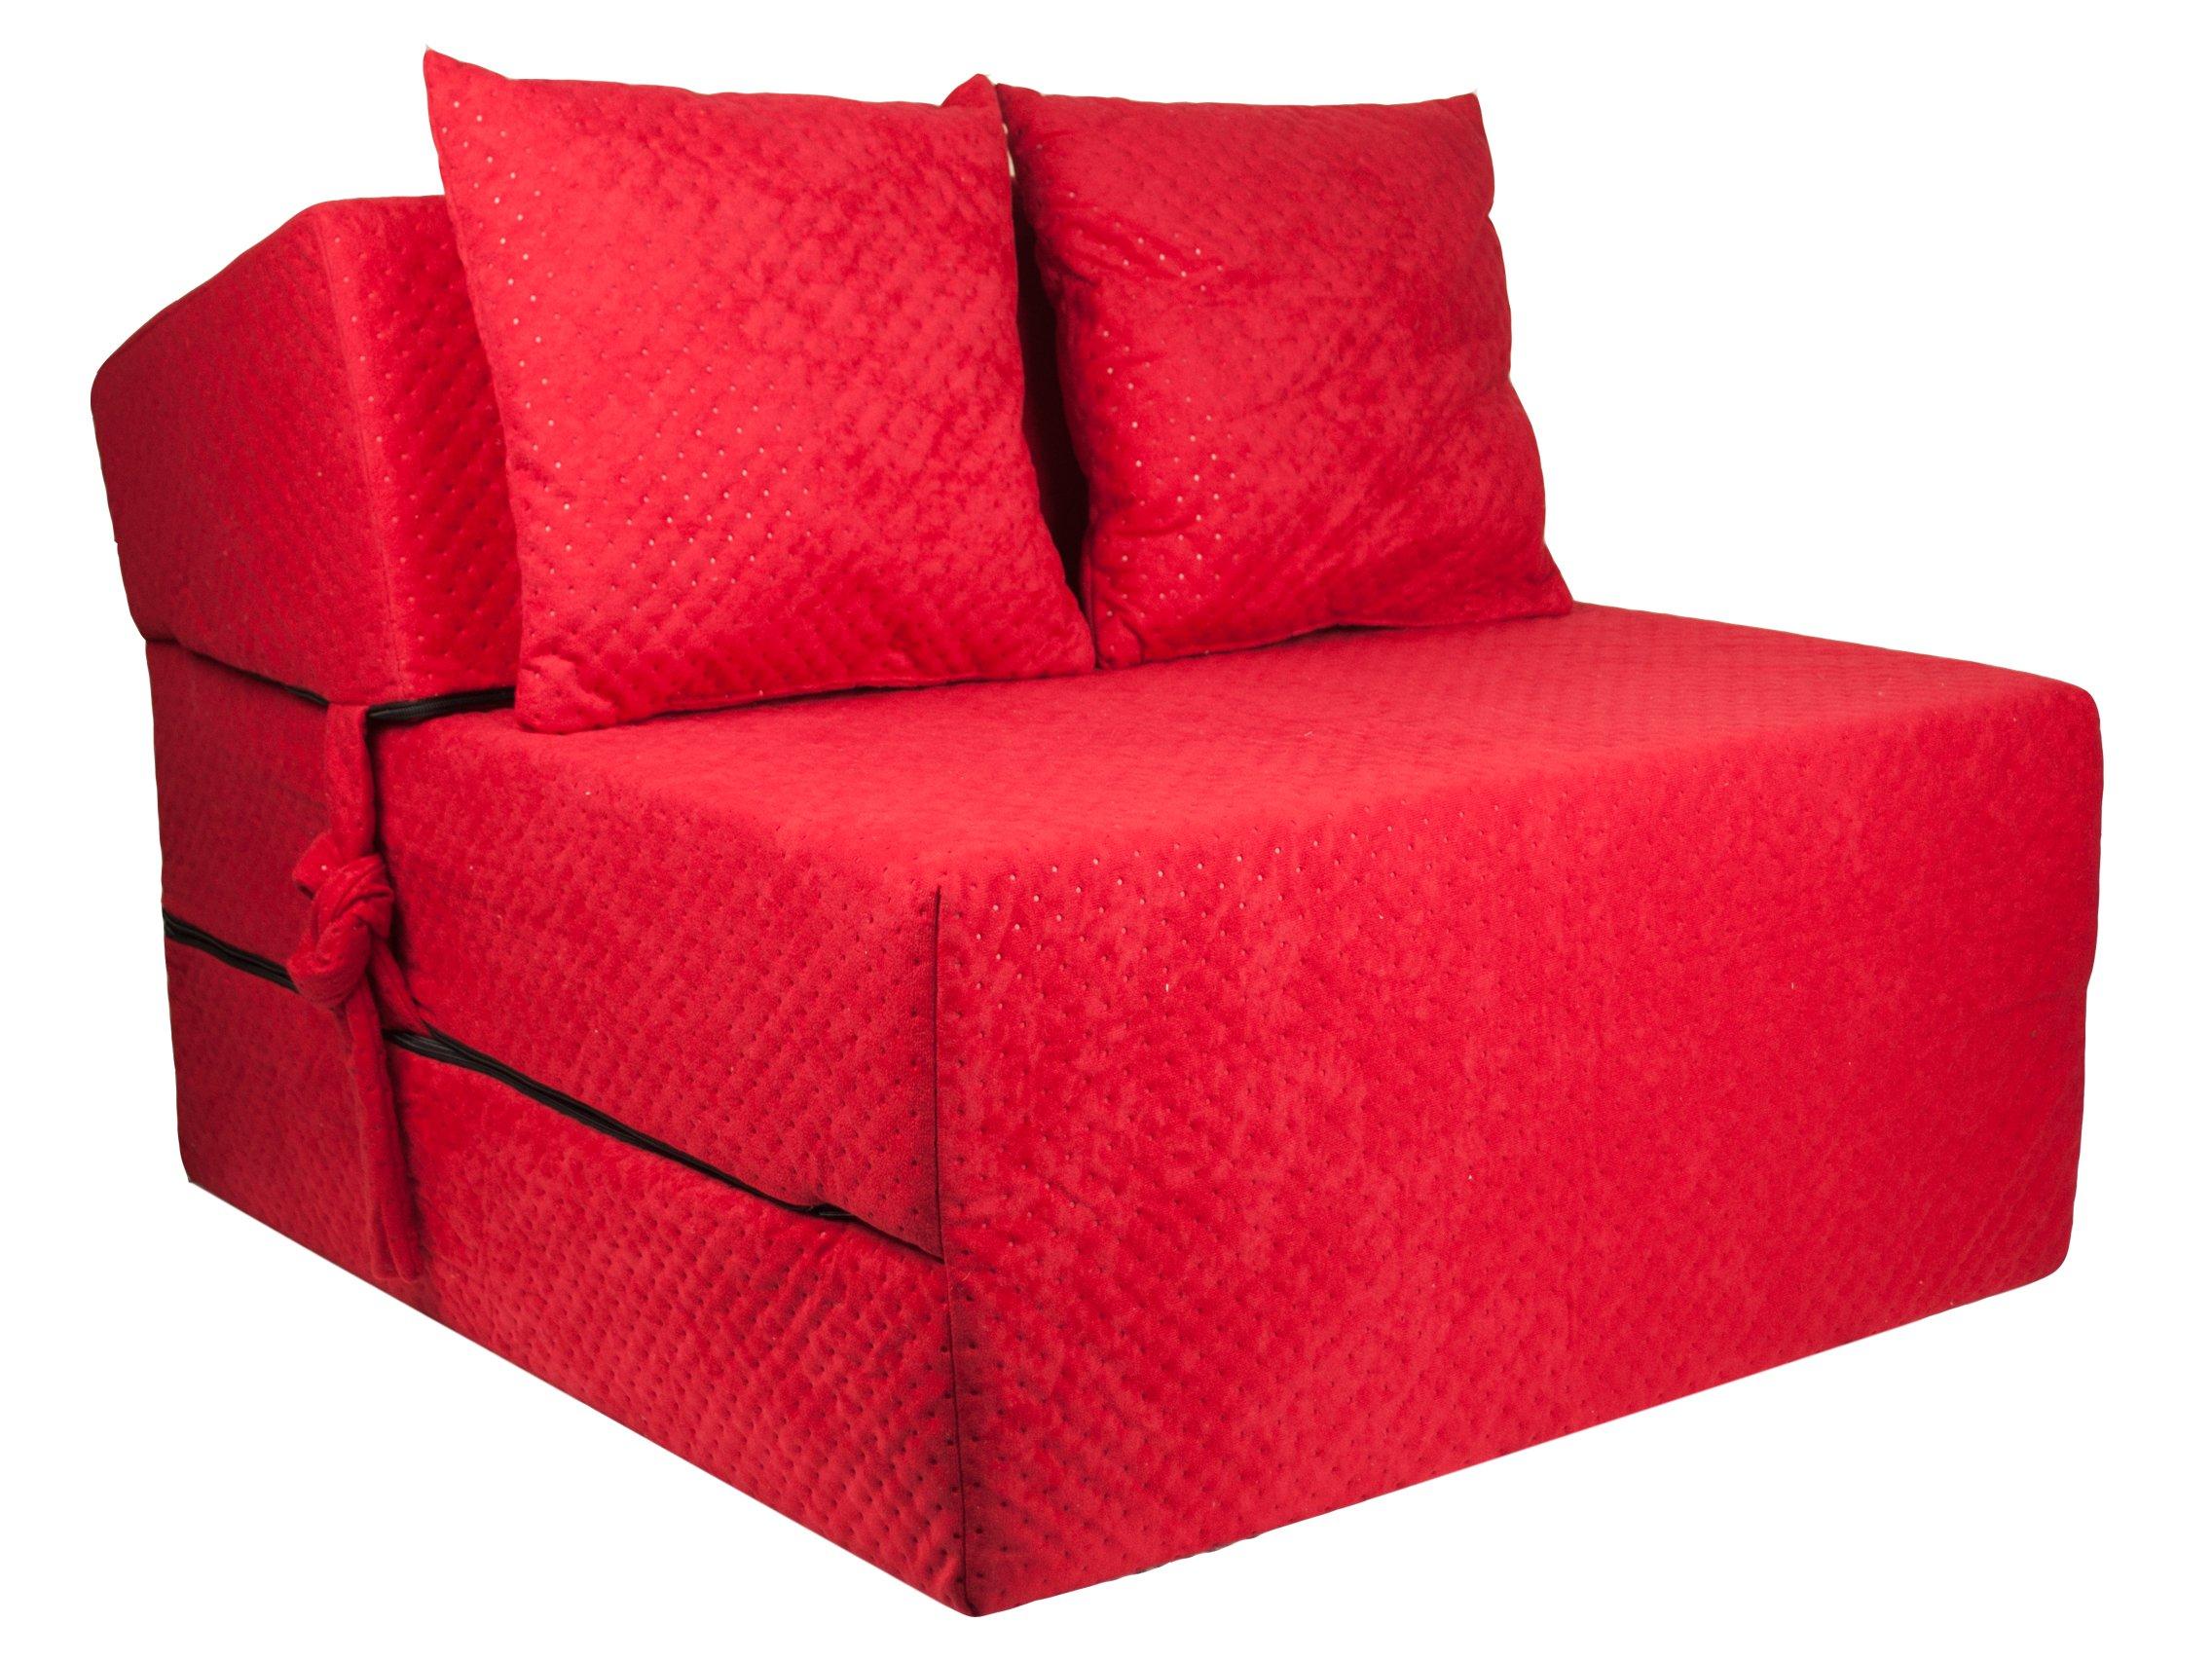 FIMEX Rozkládací křeslo SUPER Comfort pro hosty 70x200x15 Červená